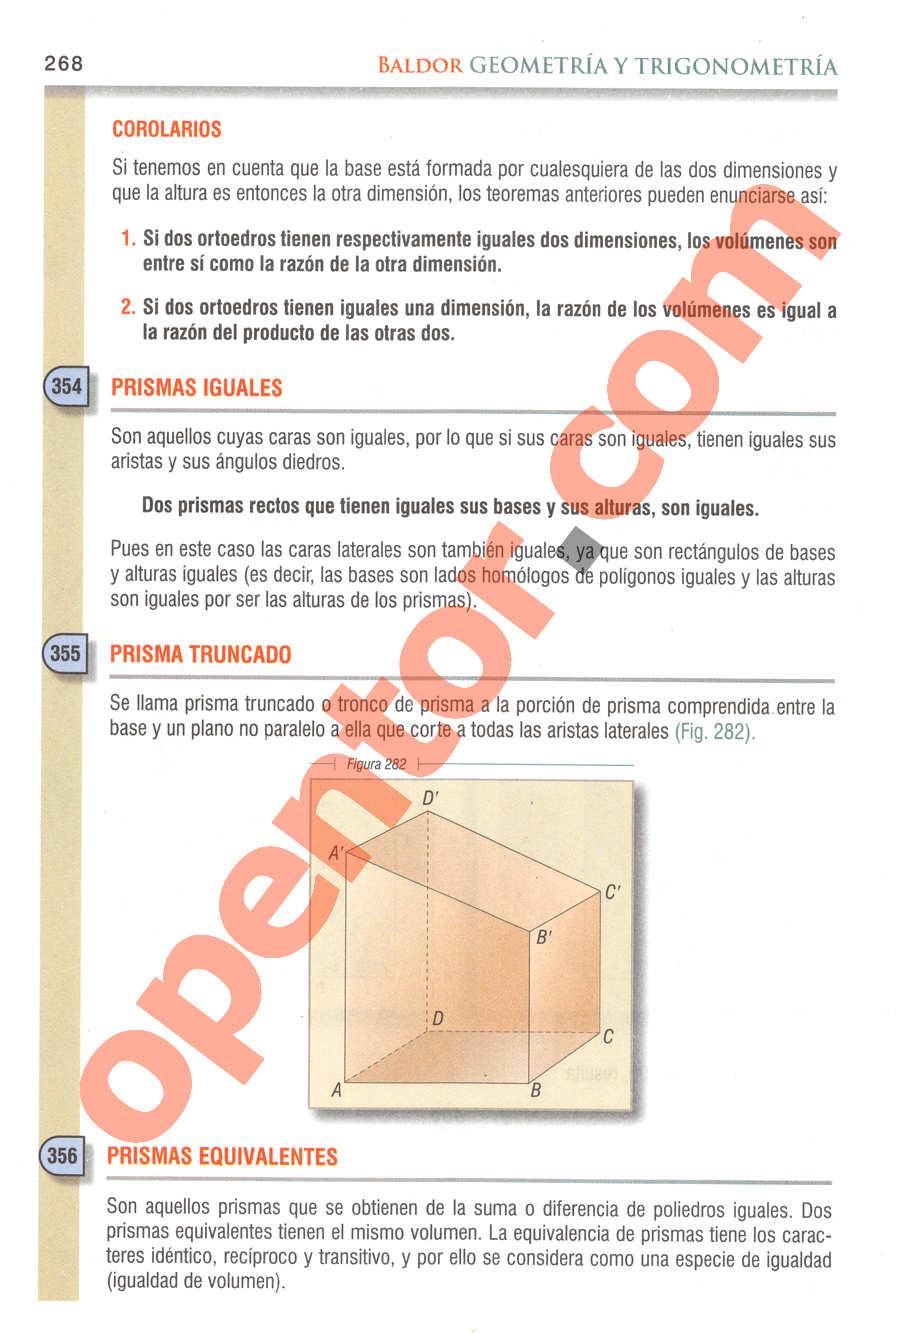 Geometría y Trigonometría de Baldor - Página 268